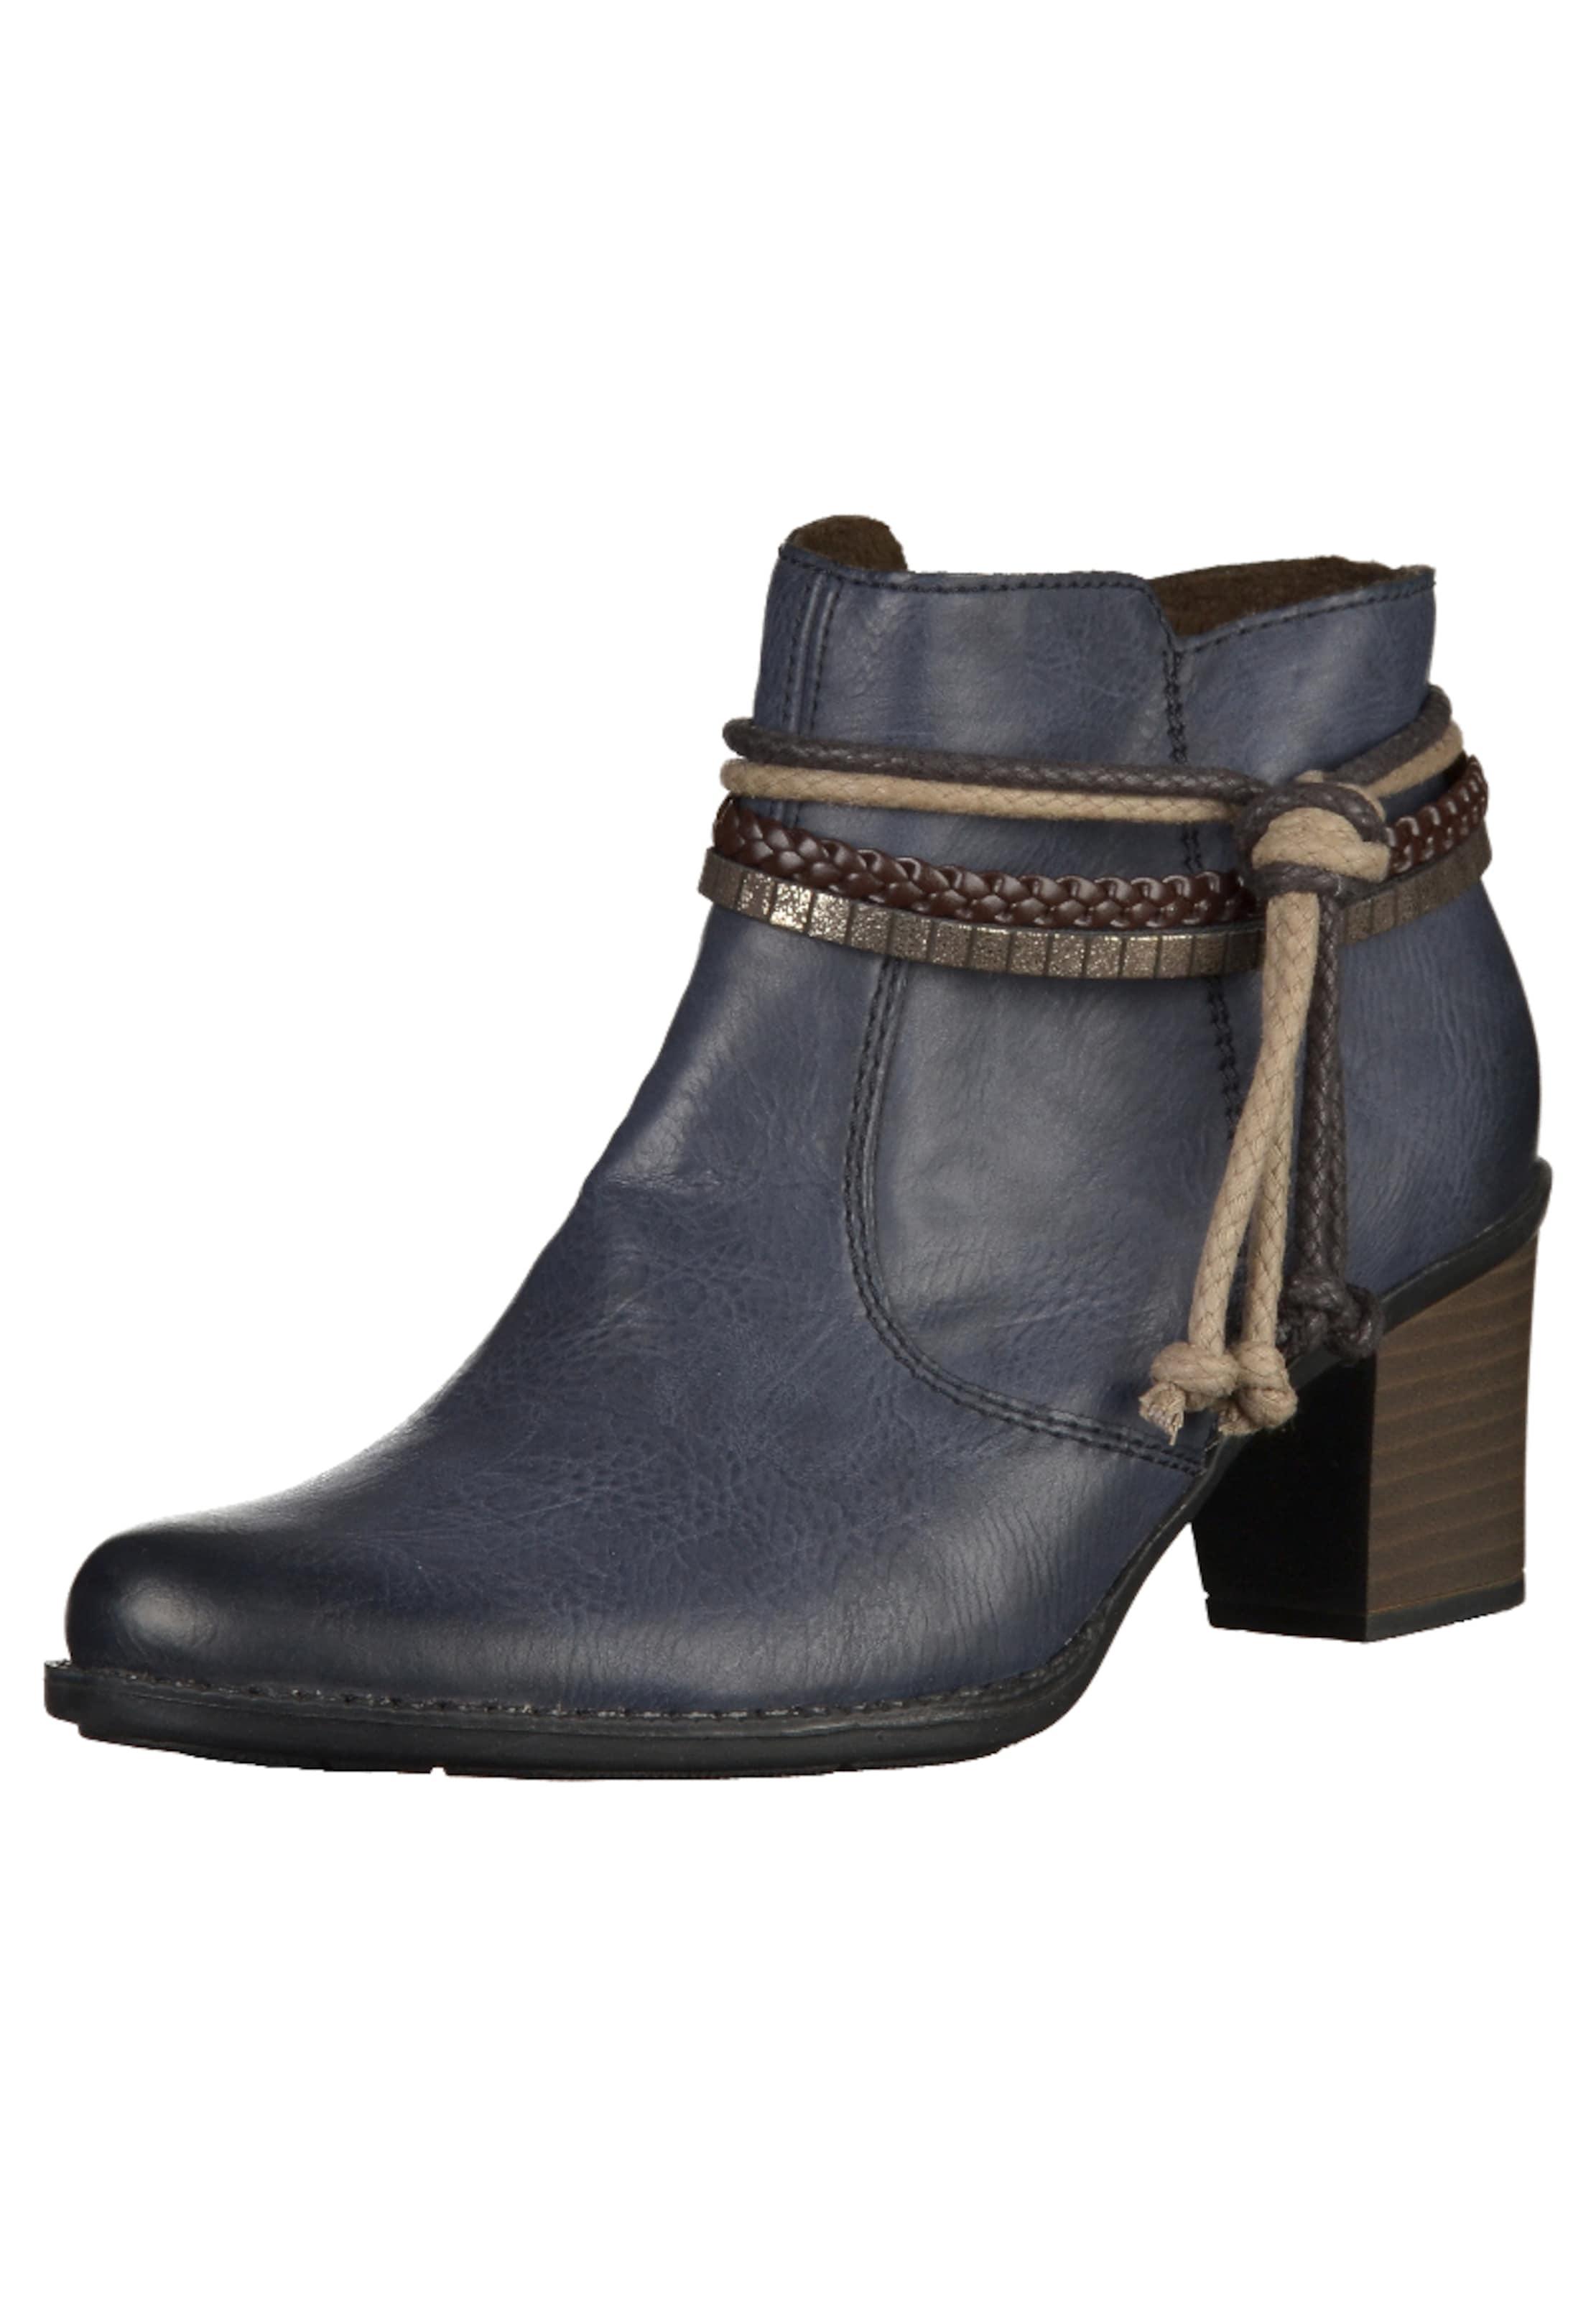 RIEKER langlebige Stiefelette Günstige und langlebige RIEKER Schuhe 83a424